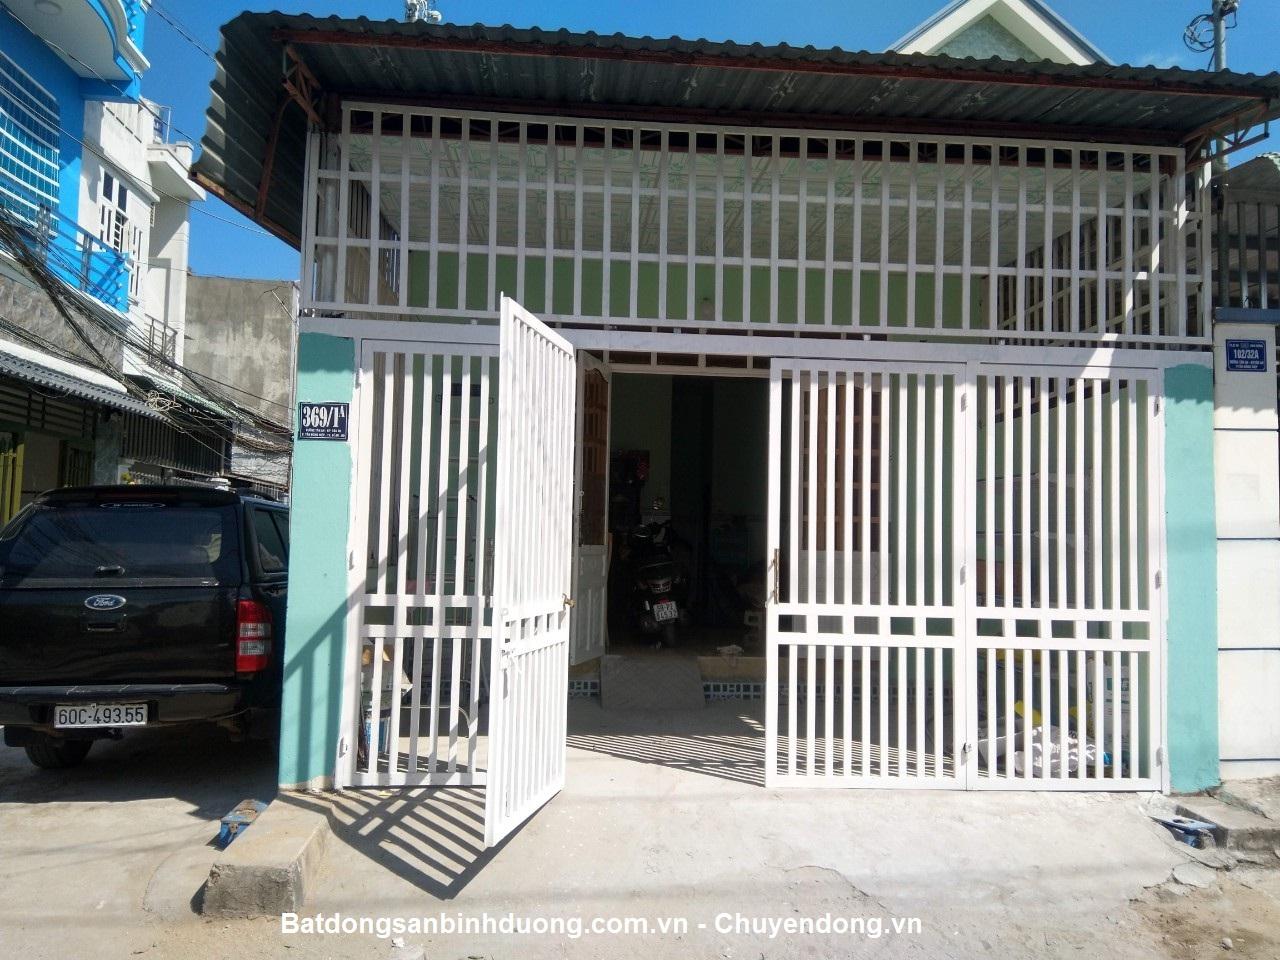 Bán Nhà Trọ Dĩ An - Khu Phố Tân An - phường Tân Đông Hiệp, thành phố Dĩ An